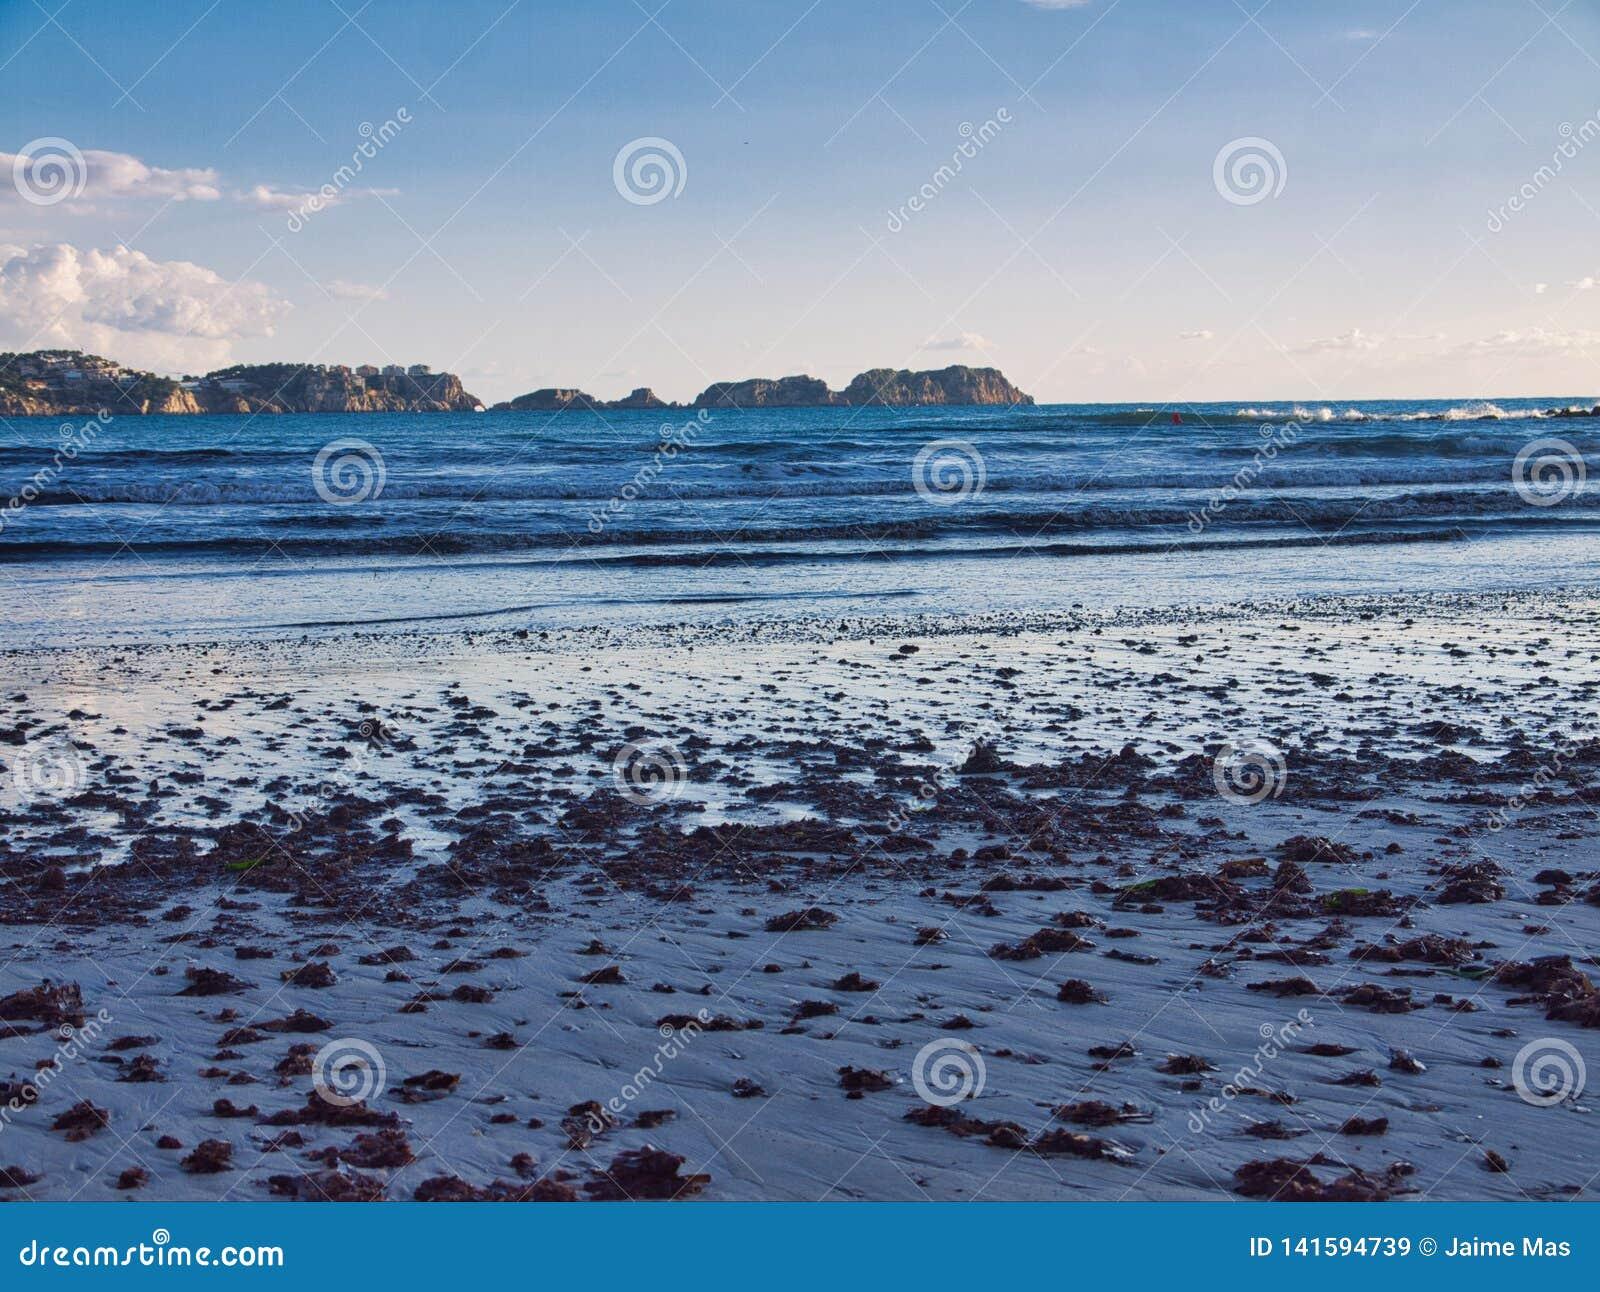 Het letten van de op malgratseilanden met één of ander zeewier op het zand